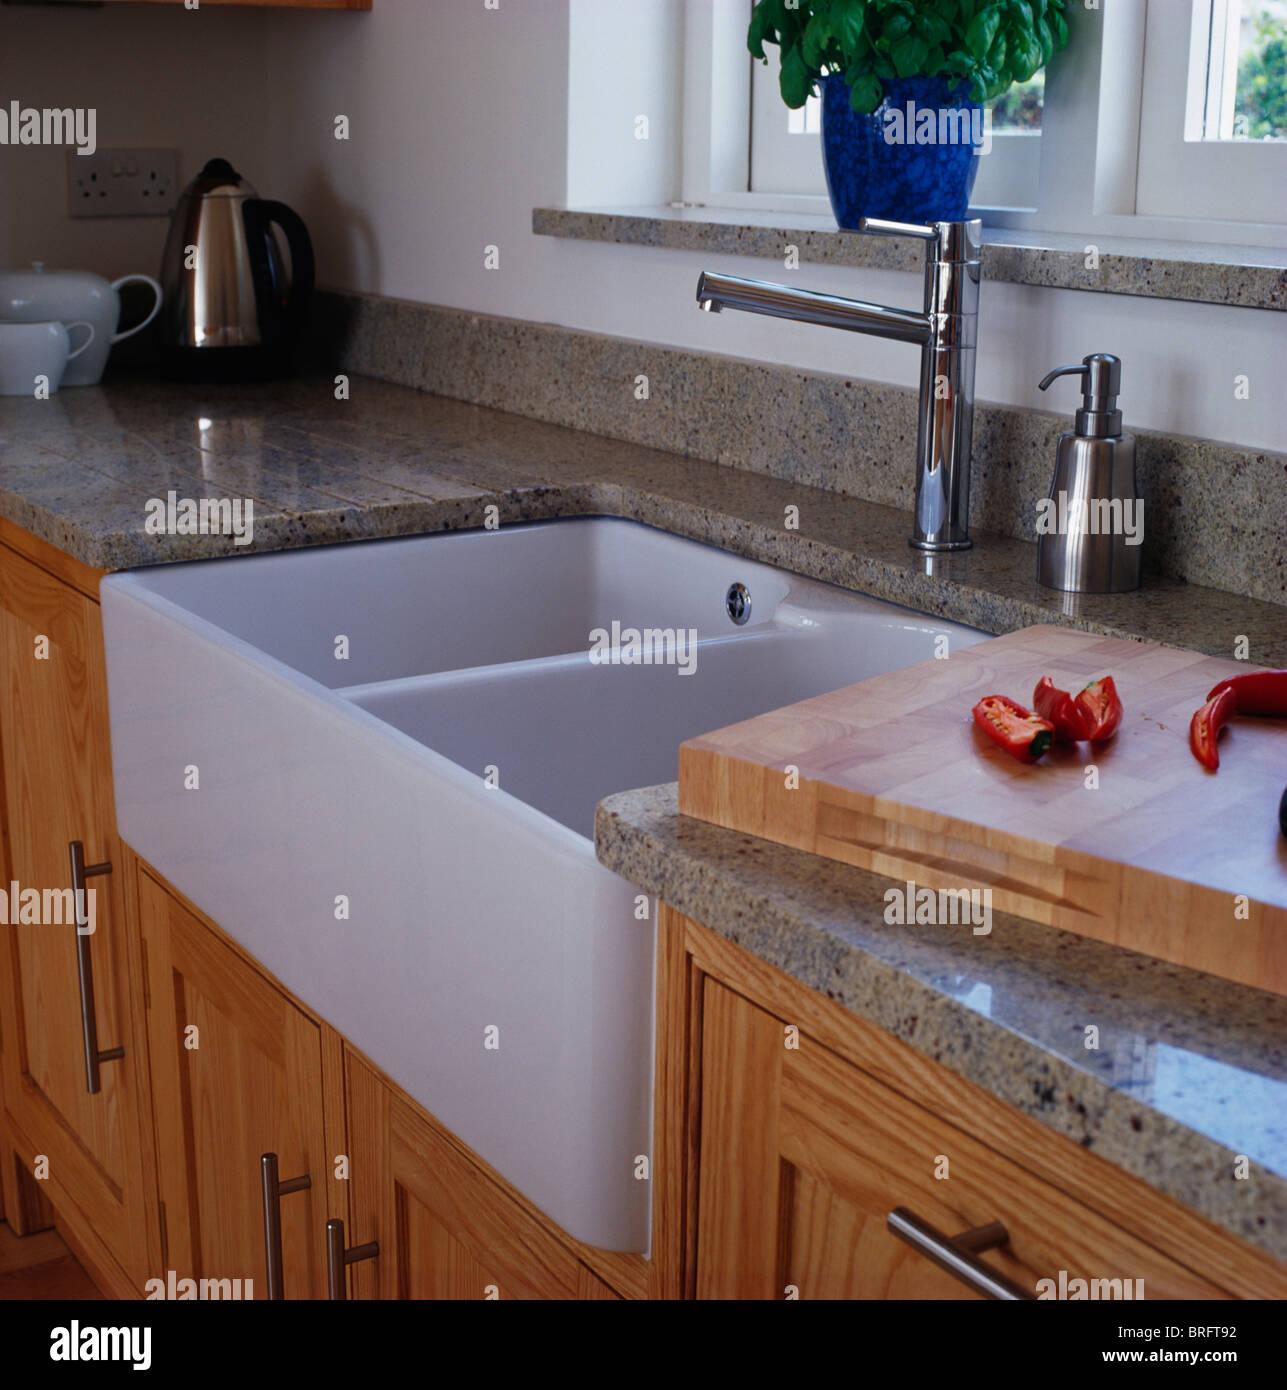 Plan De Travail Chrome close-up of belfast double évier et robinets en chrome